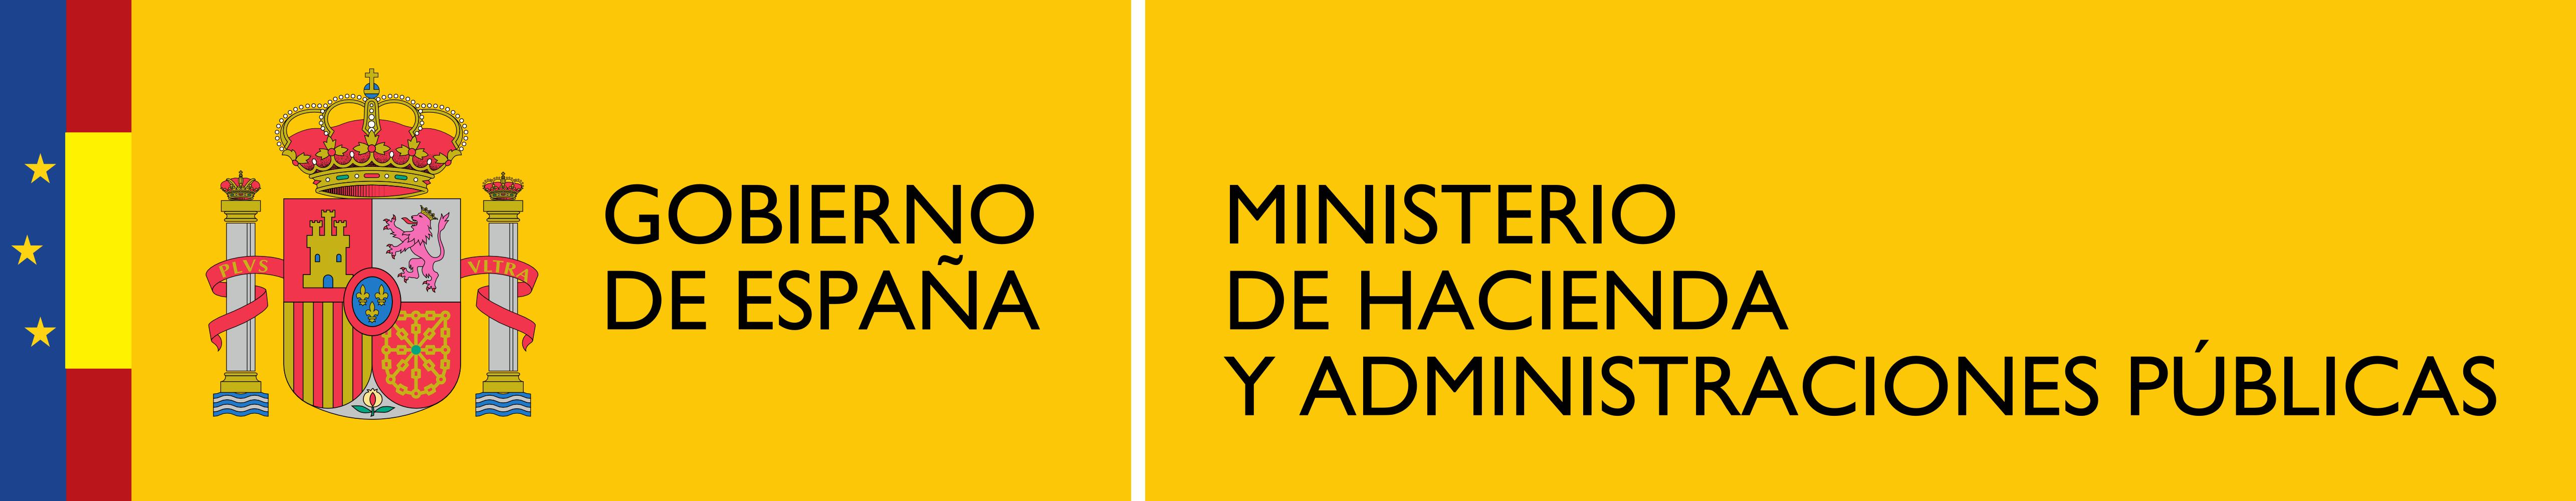 Ministerio de Hacienda - Reforma Fiscal